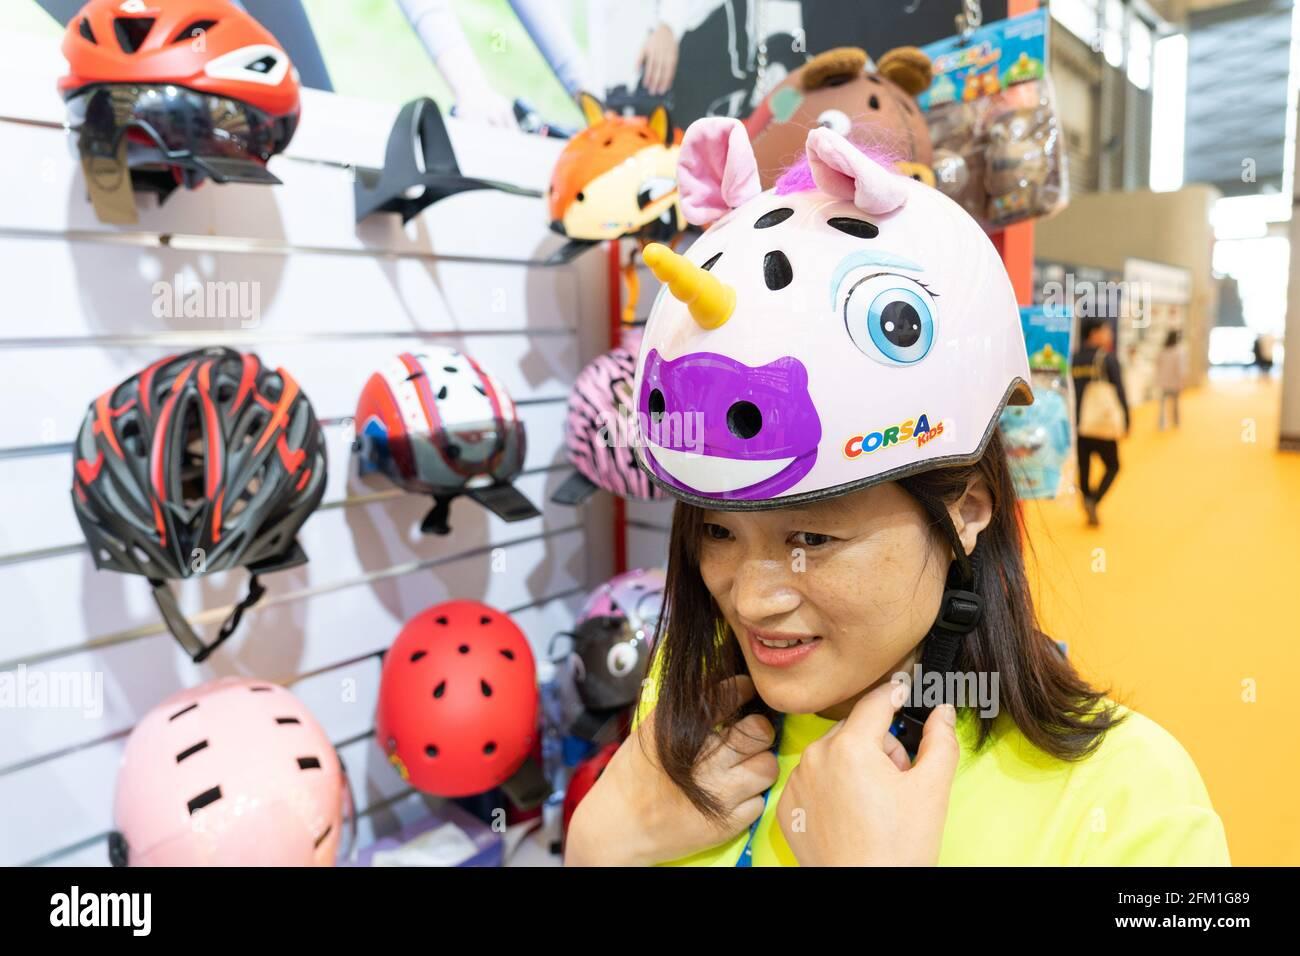 Shanghái. 5th de mayo de 2021. Un miembro del personal muestra un casco con forma de figura de dibujos animados durante la Feria Internacional de Bicicletas de China 30th en Shanghai, al este de China, el 5 de mayo de 2021. El evento de cuatro días comenzó aquí el miércoles, atrayendo a más de 1.000 empresas para participar. Crédito: Cai Yang/Xinhua/Alamy Live News Foto de stock